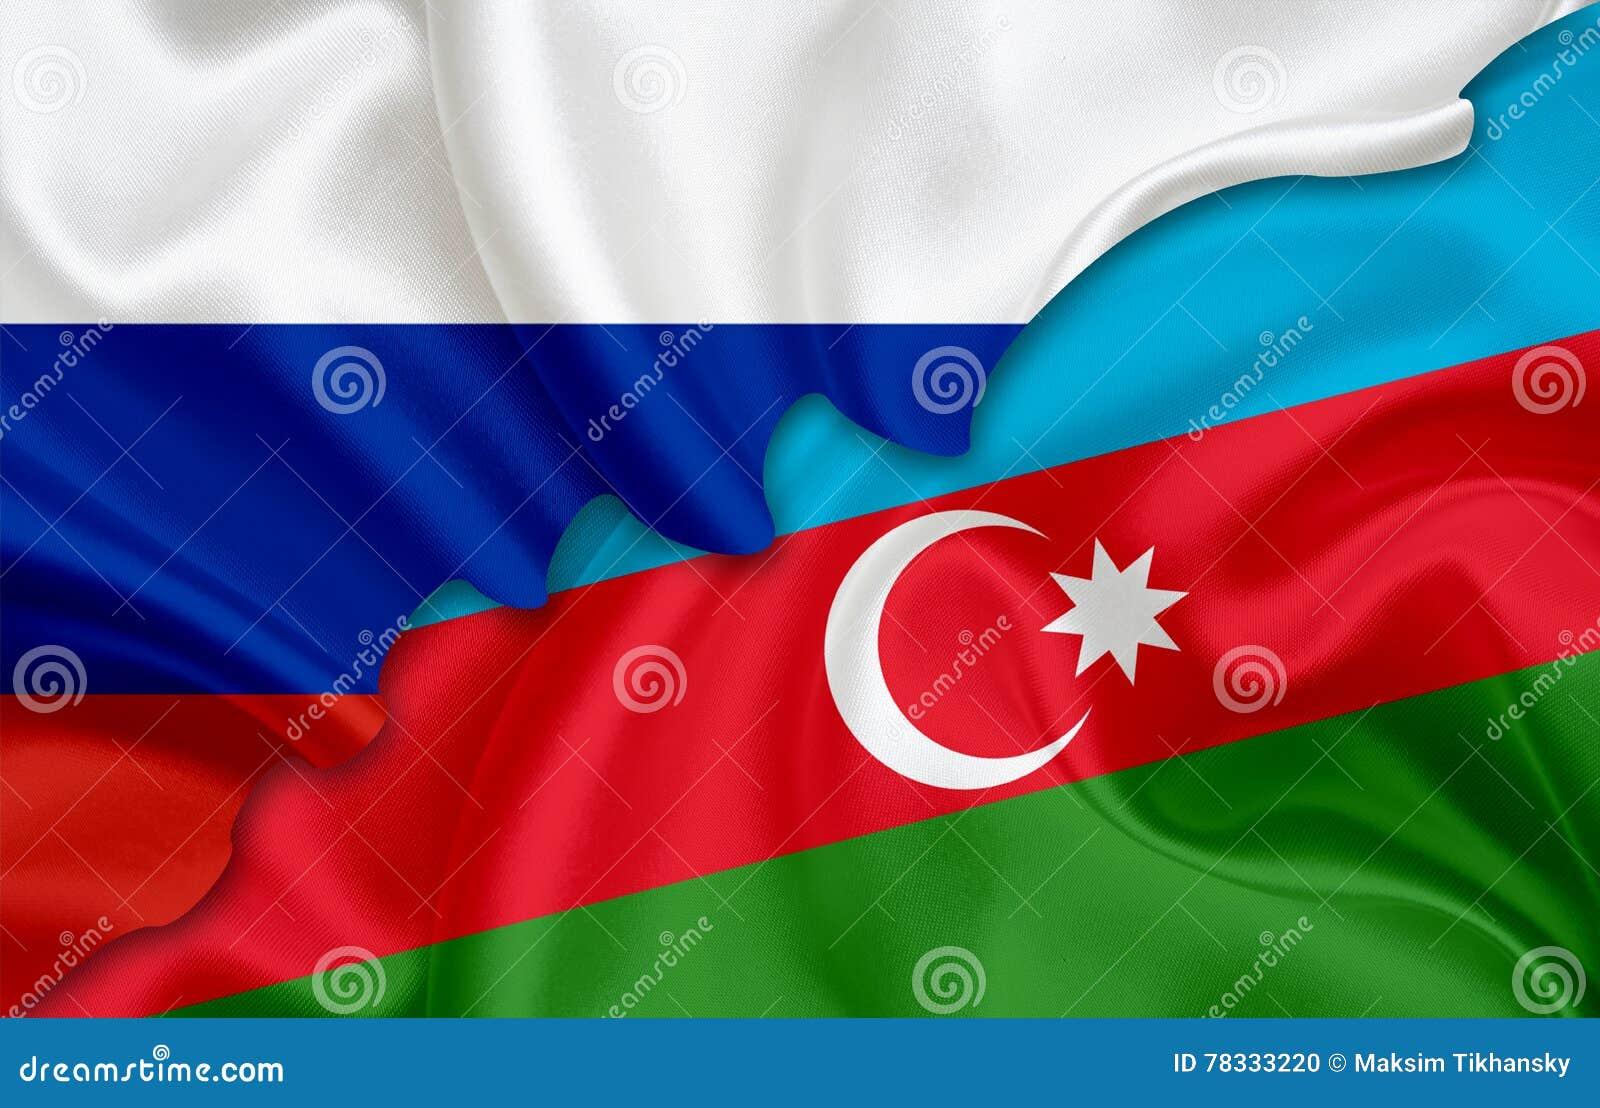 Flagge Von Russland Und Flagge Von Aserbaidschan Stock Abbildung Illustration Von Aserbaidschan Flagge 78333220